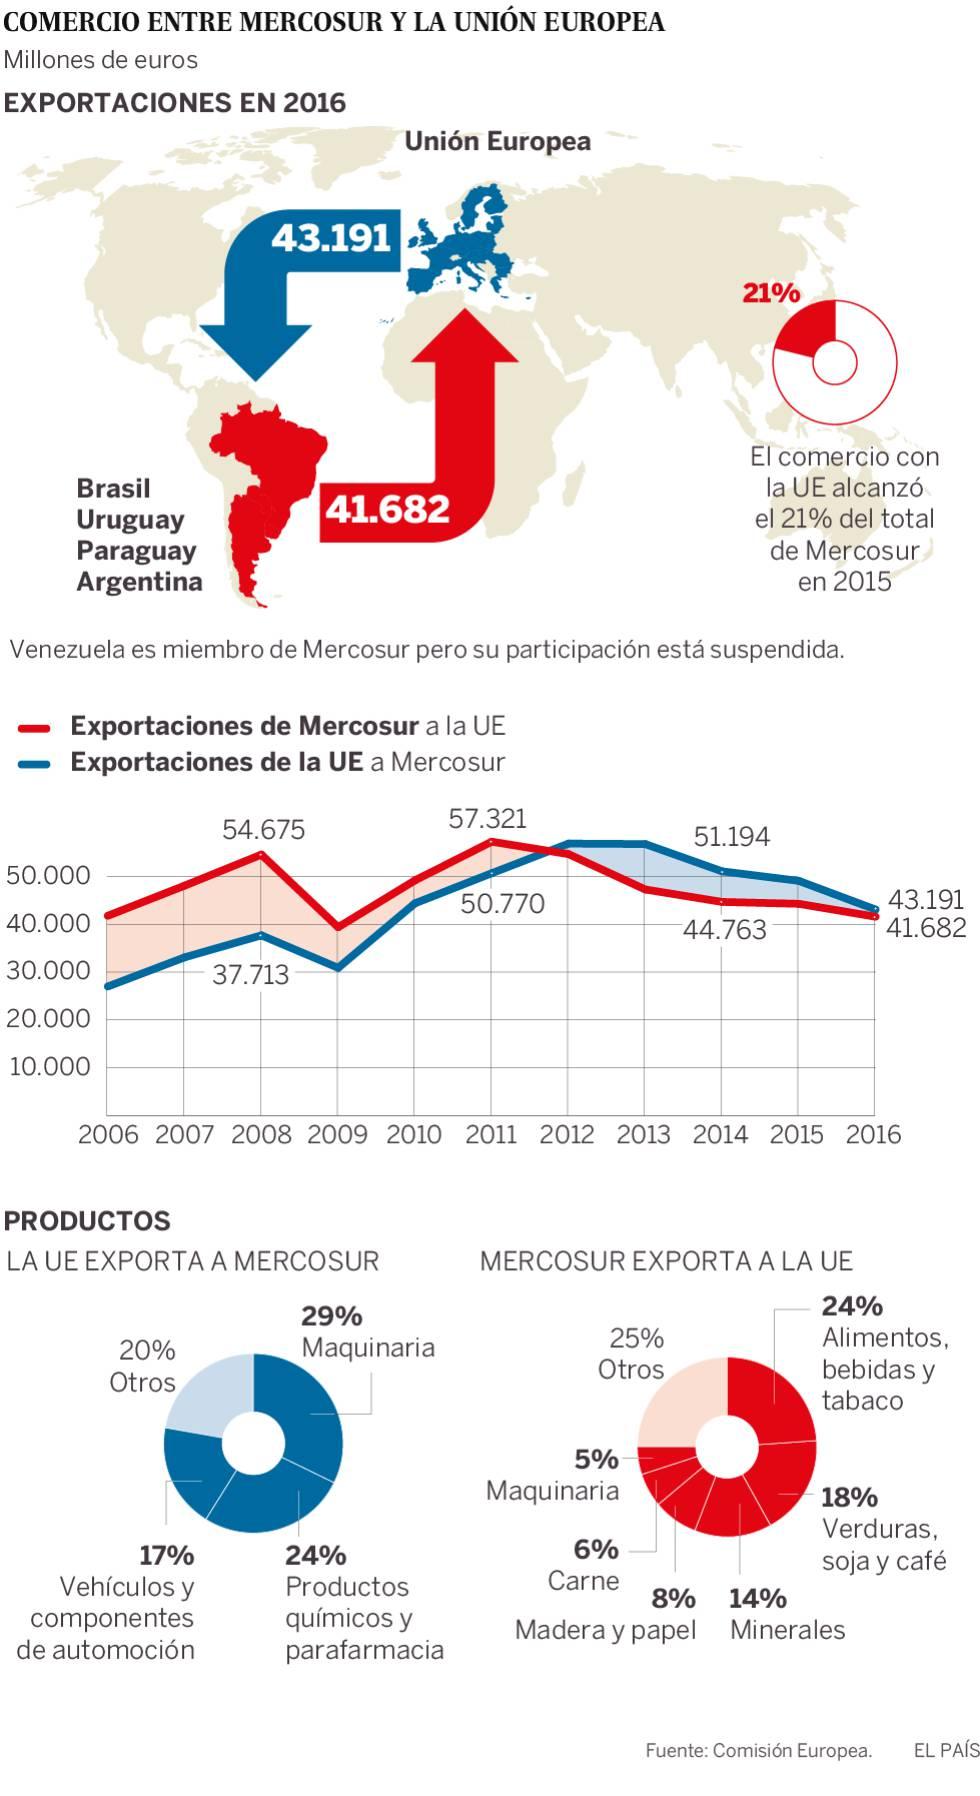 Bruselas quiere blindar el acuerdo comercial con Mercosur este año